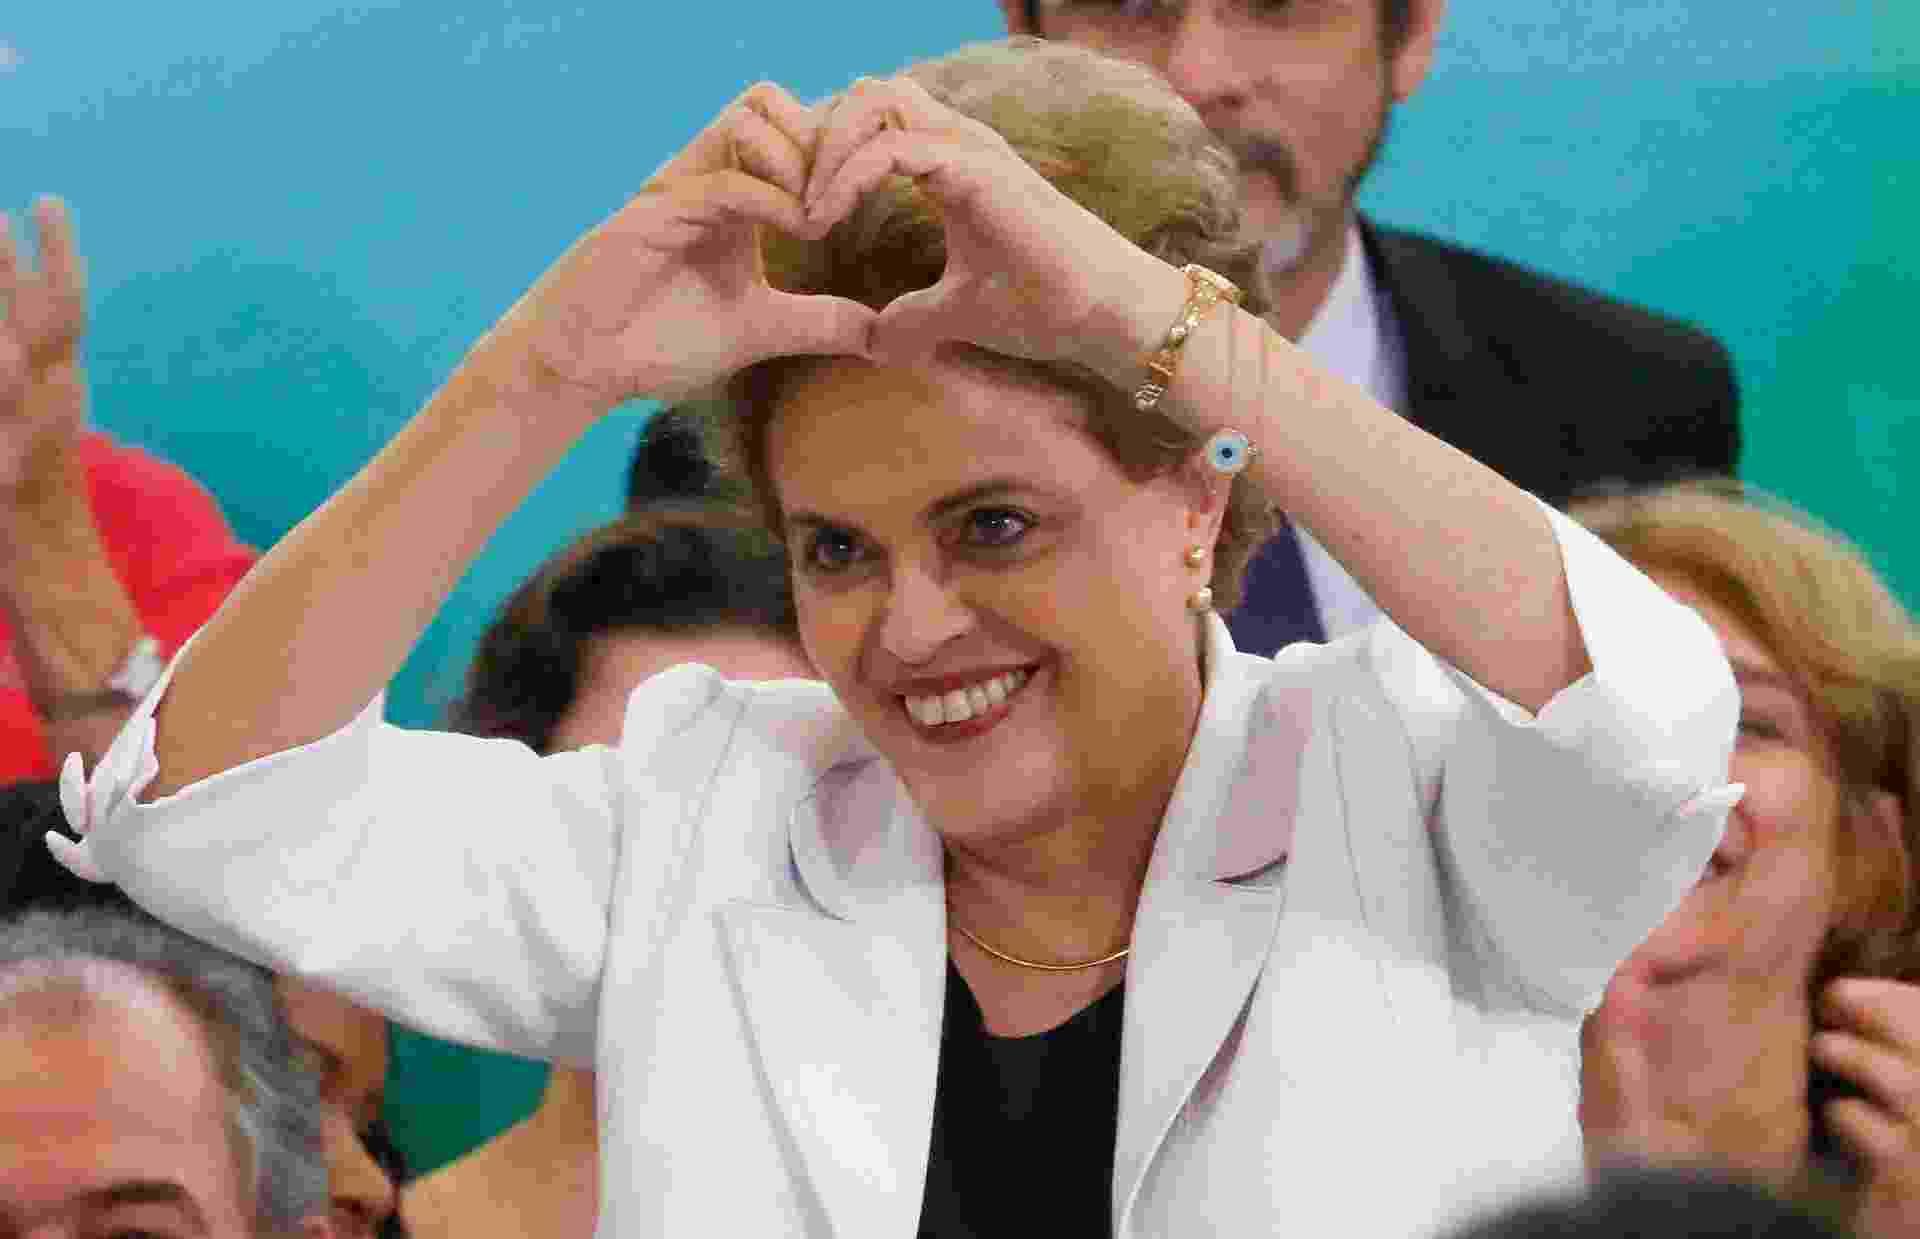 Dilma Vana Rousseff nasceu em 14 de dezembro de 1947, em Belo Horizonte (MG). Formada em Economia, durante o governo do ex-presidente Luiz Inácio Lula da Silva ela assumiu a chefia do Ministério de Minas e Energia e posteriormente da Casa Civil. Em 2010, foi escolhida pelo PT para concorrer à eleição presidencial e se tornou a primeira mulher a ser eleita para o posto de chefe de Estado e chefe de governo em toda a história do Brasil. Foi reeleita em 26 de outubro de 2014, no segundo turno das Eleições - Pedro Ladeira/Folhapress